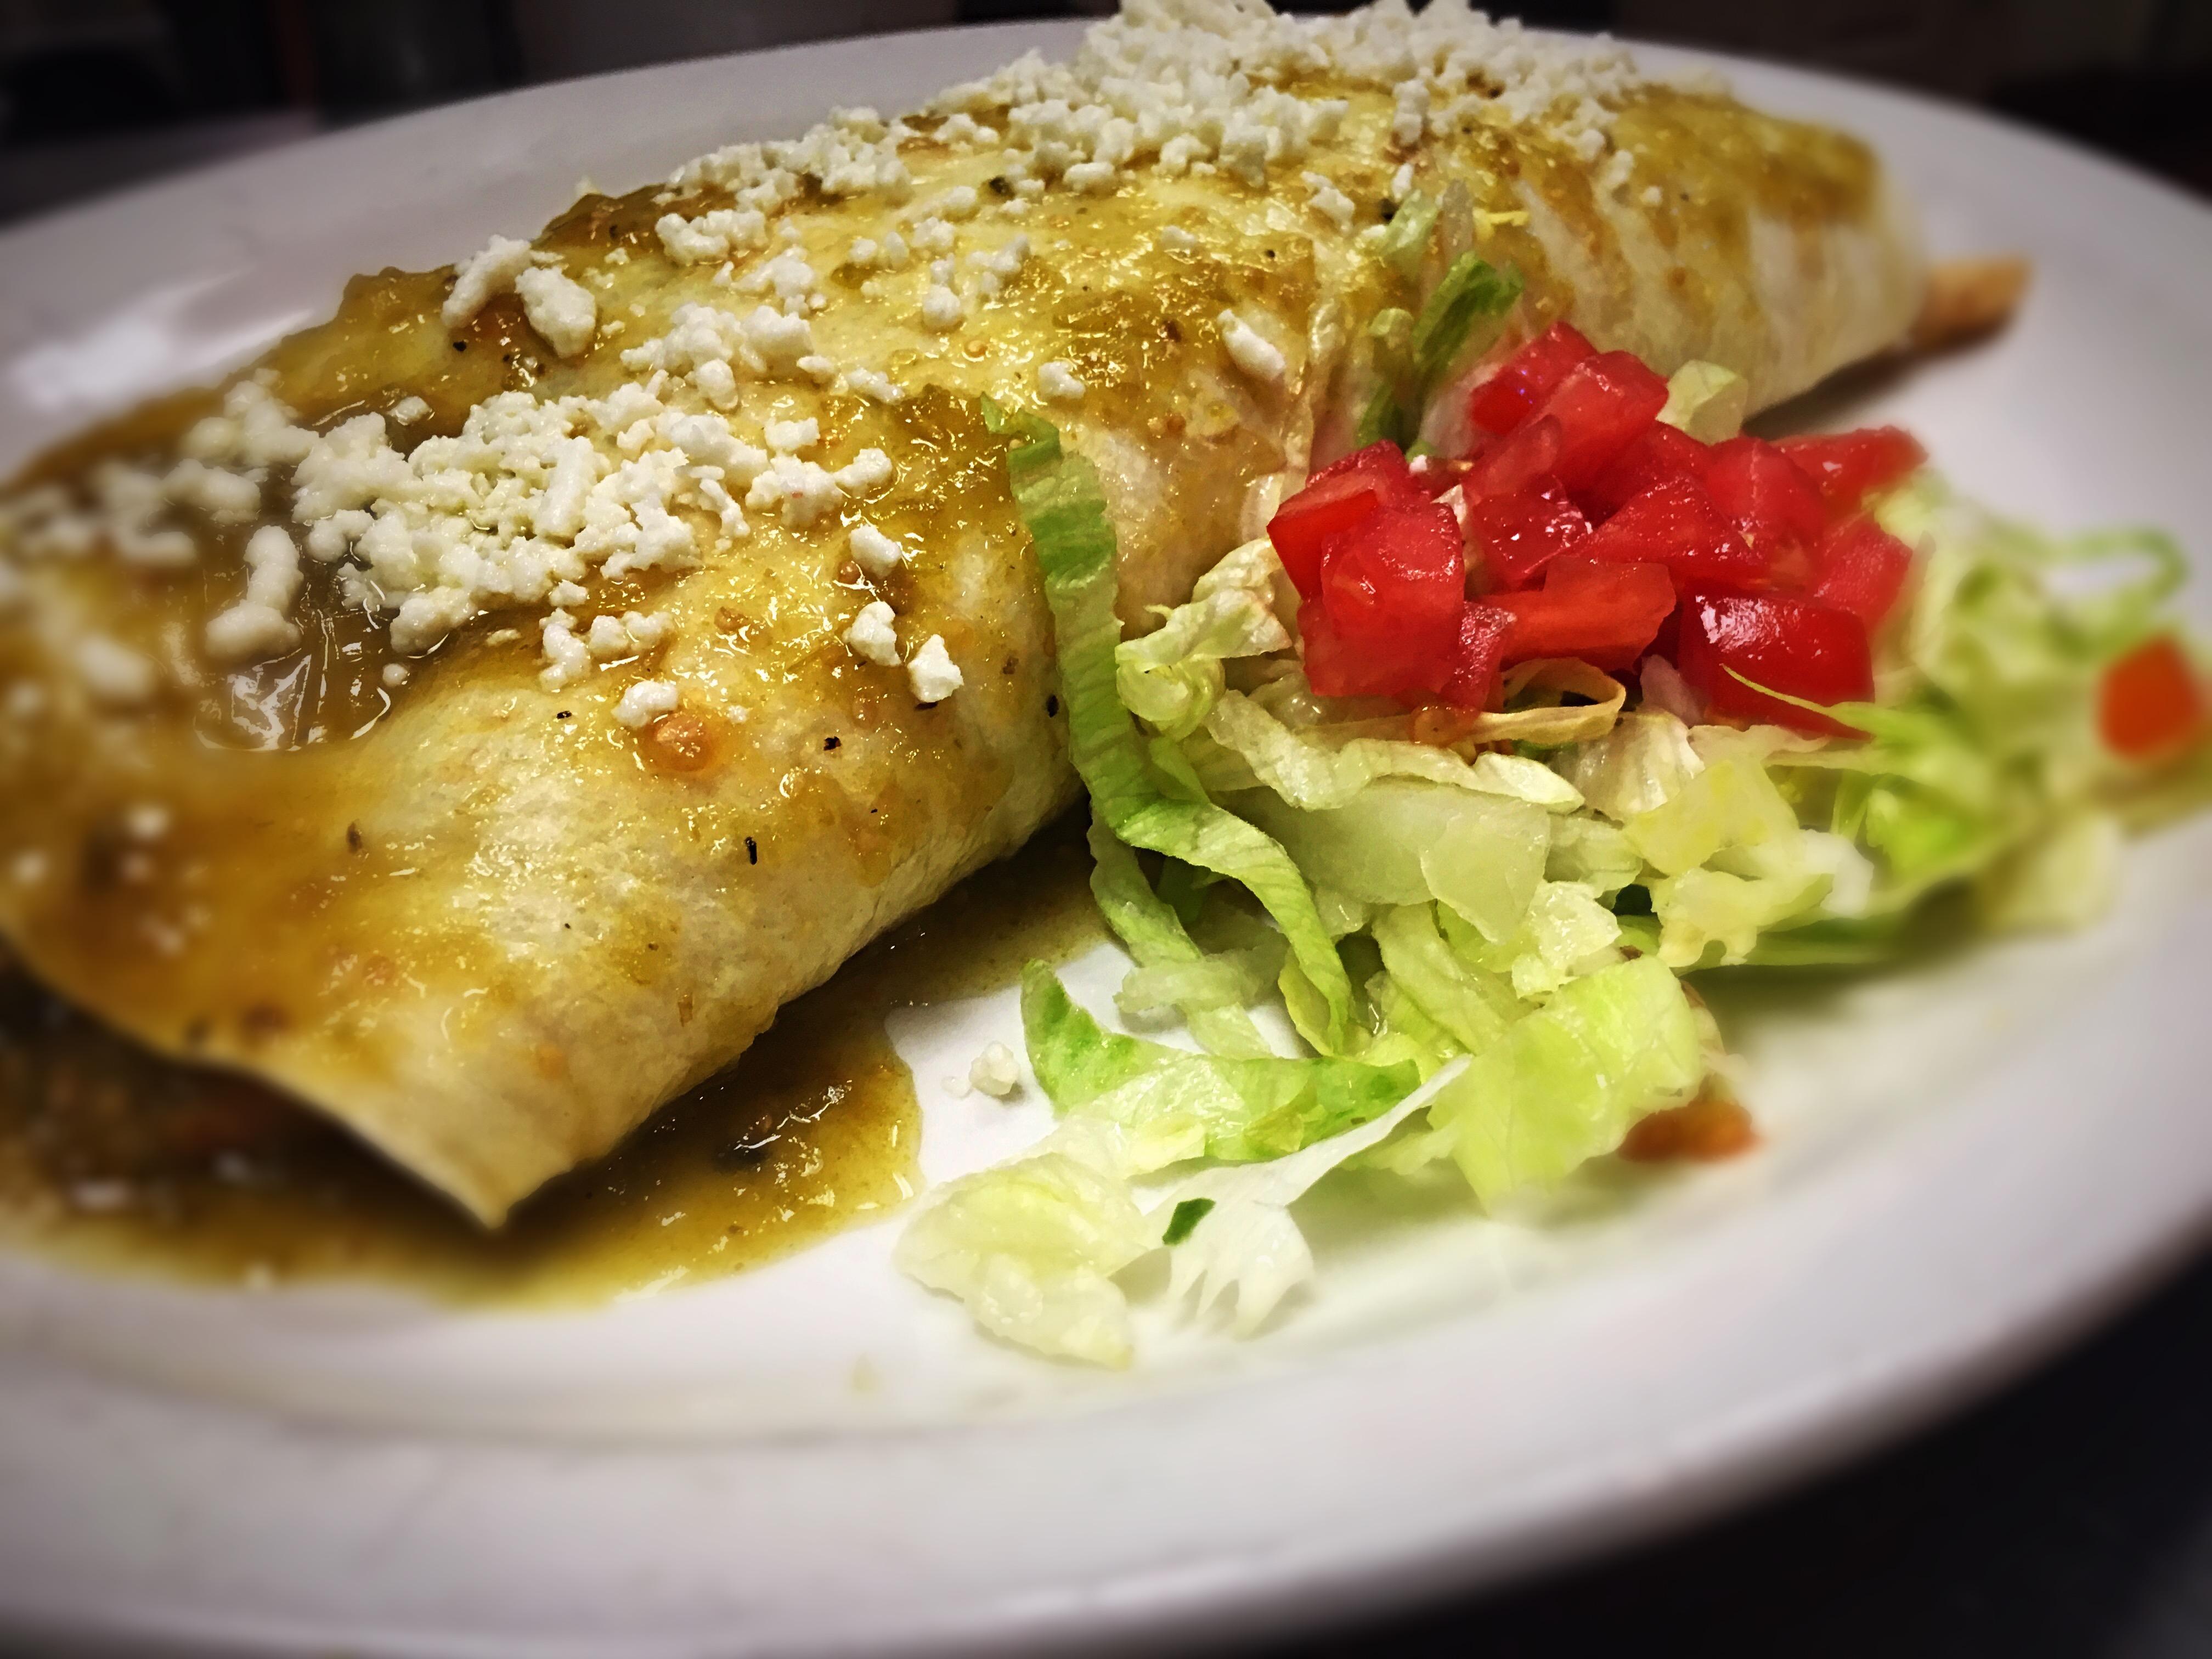 Mexican Style Burrito